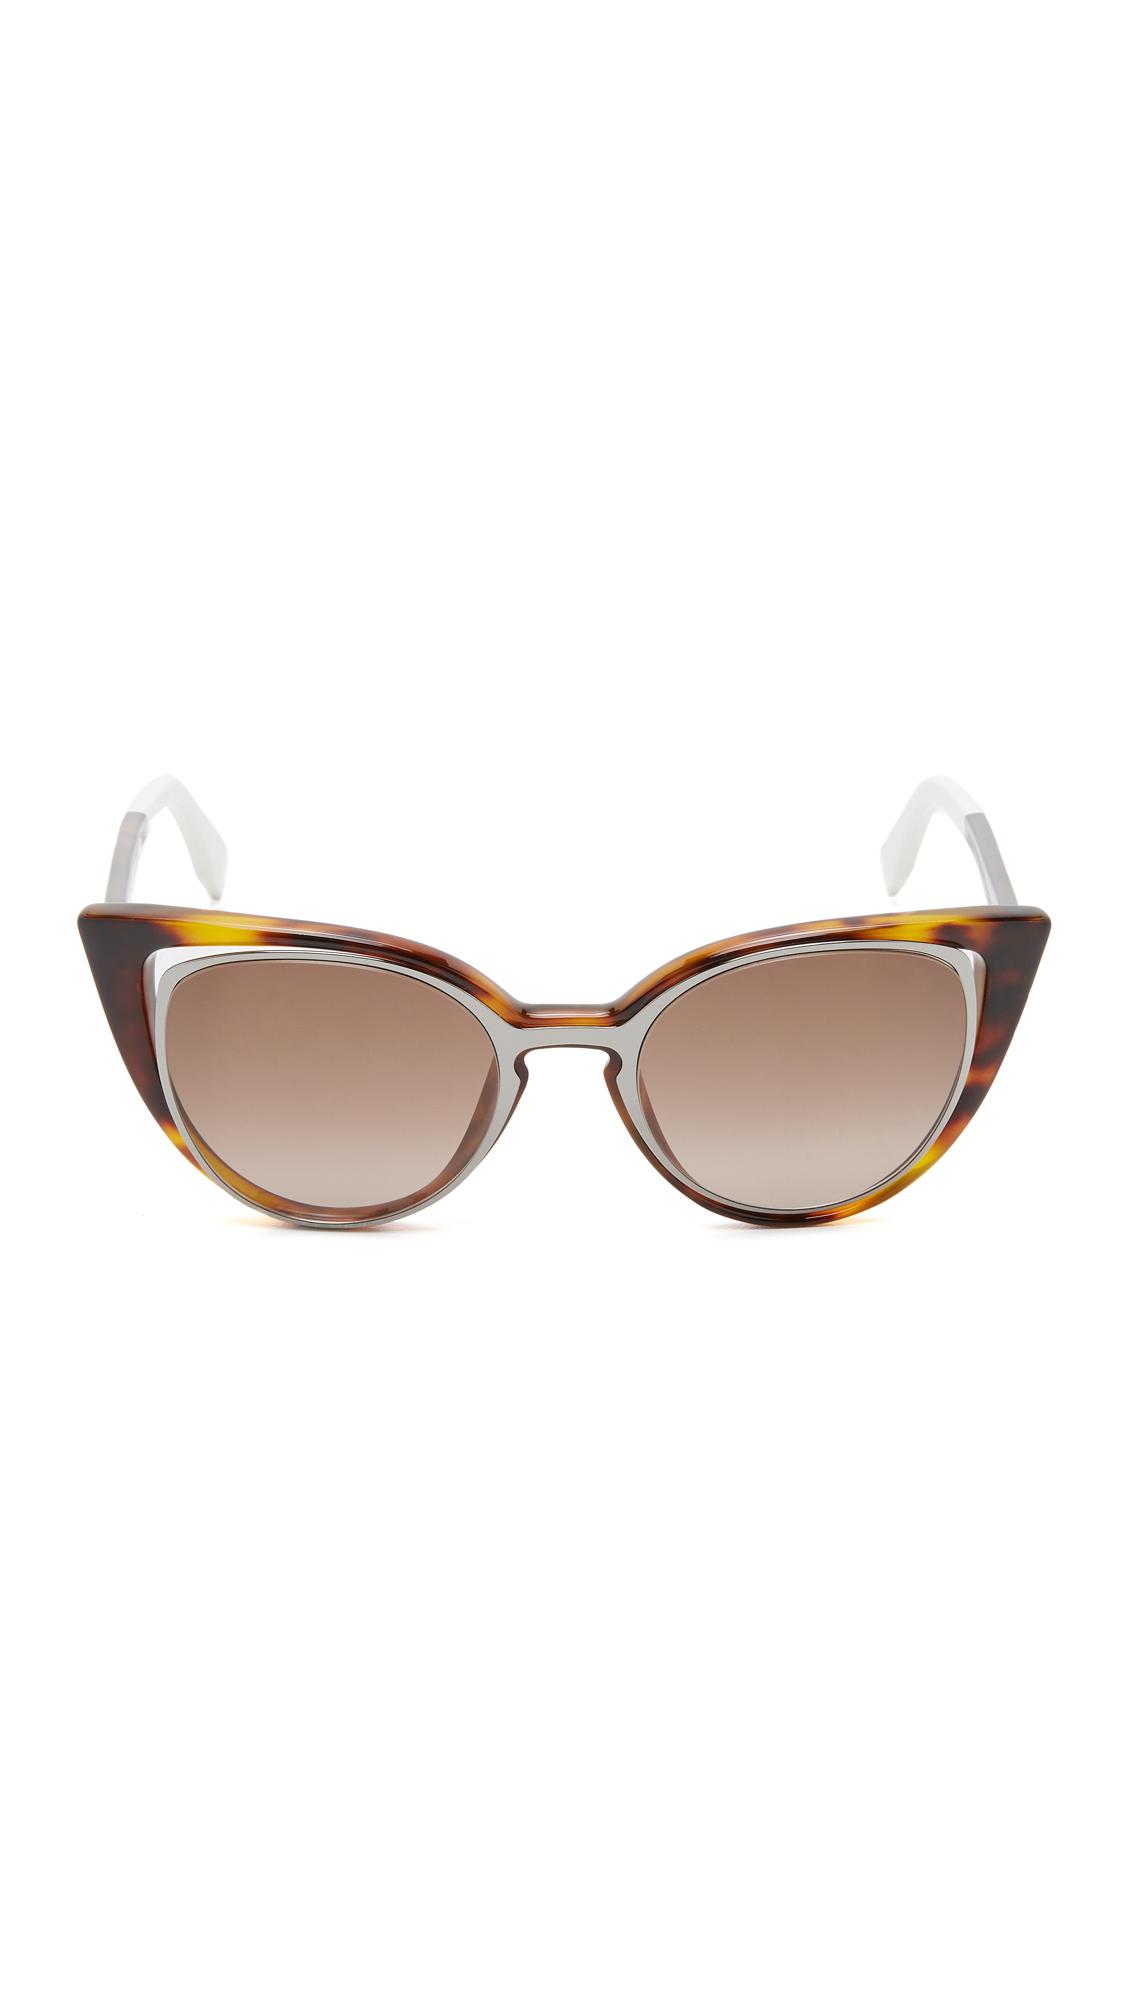 93c4621ad83f Fendi Cutout Cat Eye Sunglasses